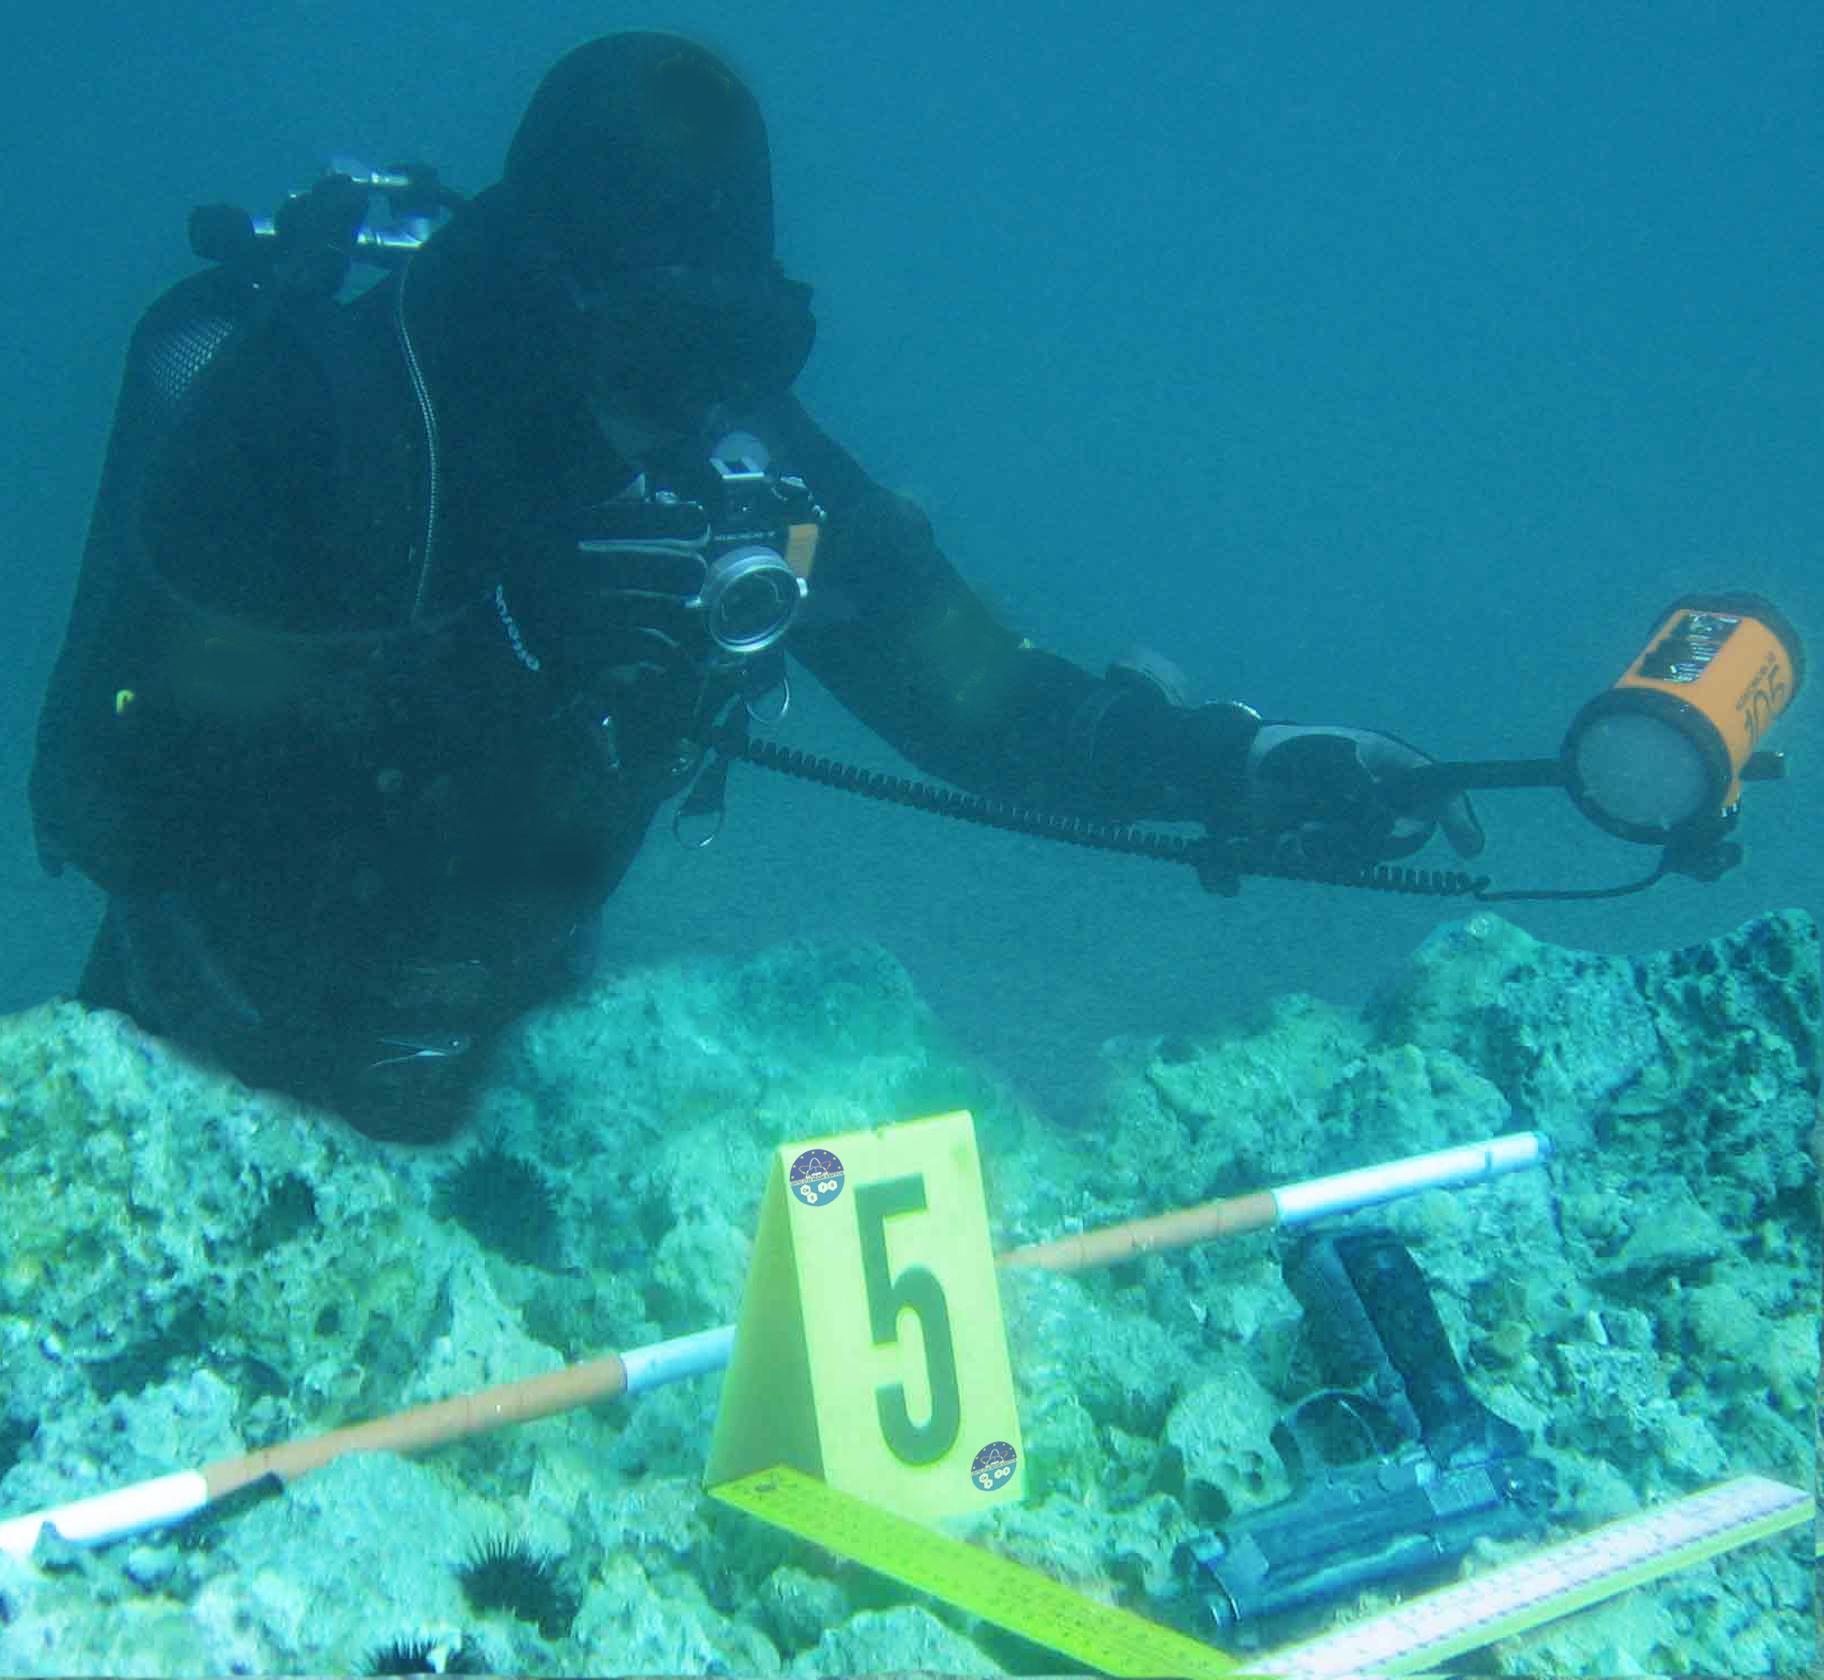 Breve storia degli accertamenti tecnici di polizia giudiziaria in ambito subacqueo